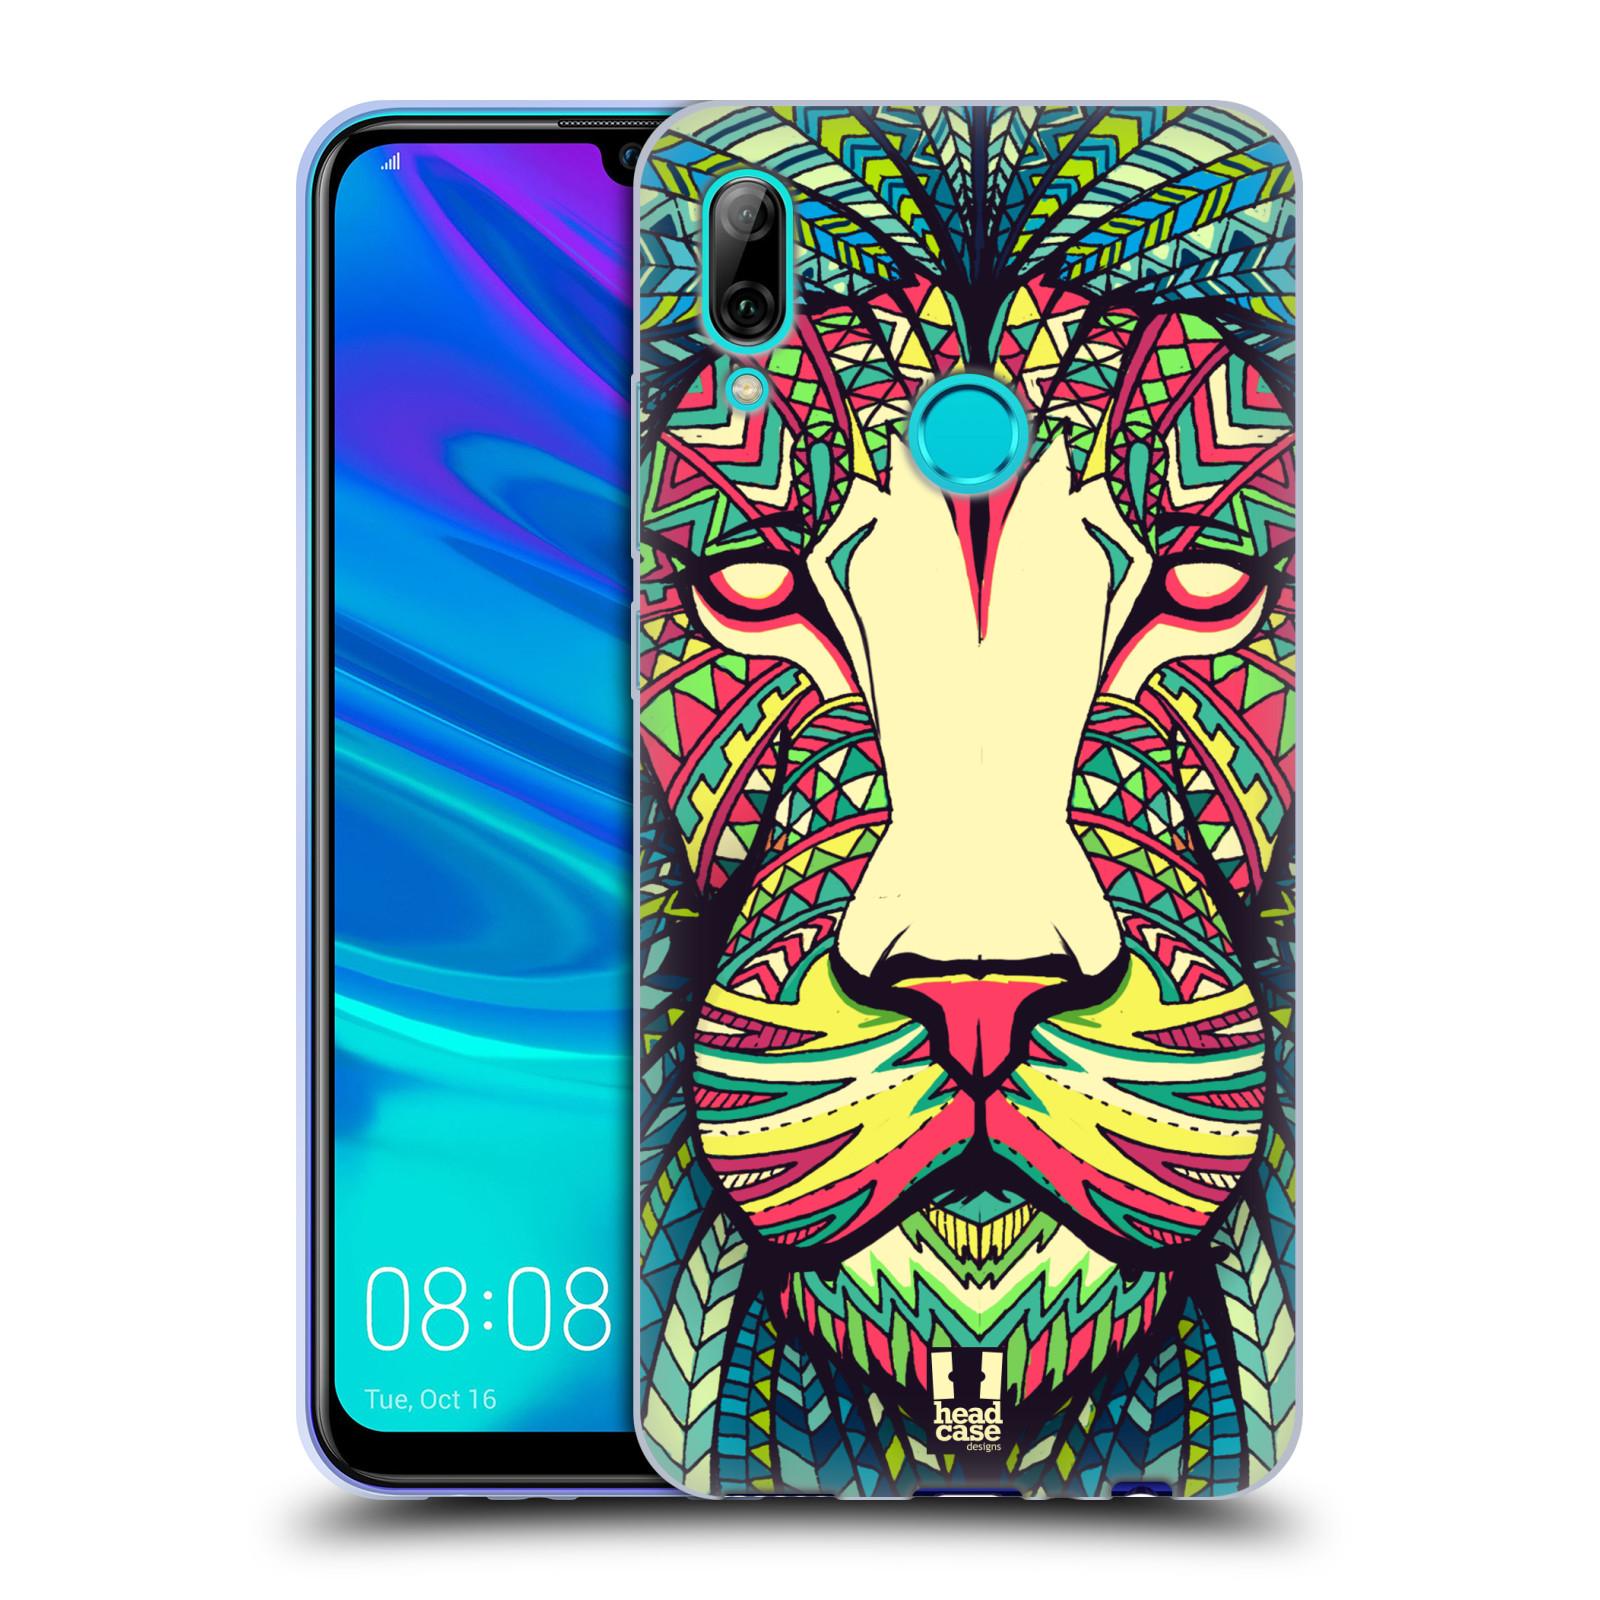 Silikonové pouzdro na mobil Huawei P Smart (2019) - Head Case - AZTEC LEV